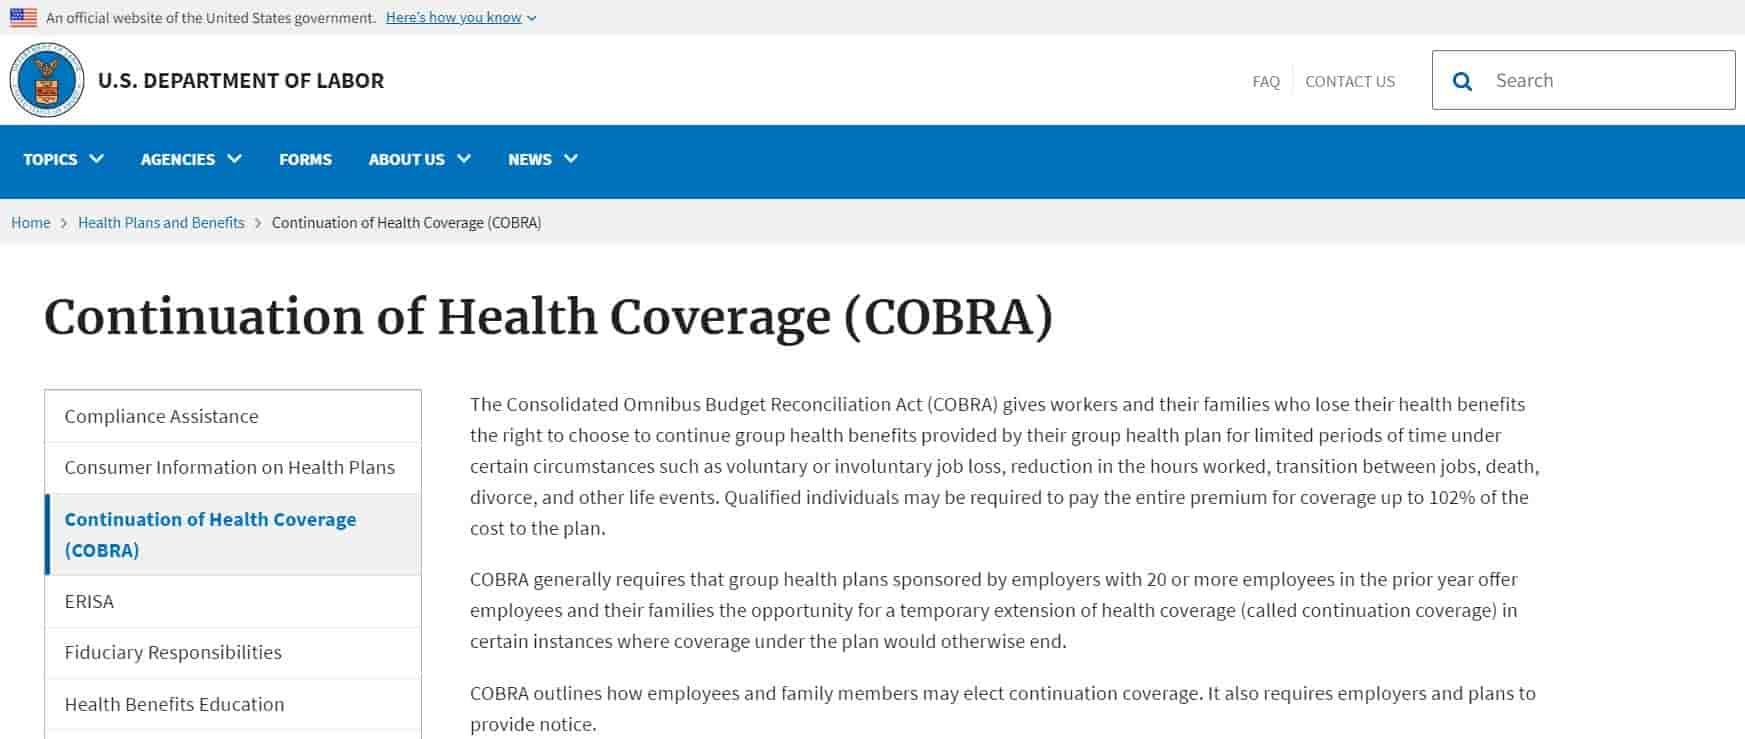 Continuation of Health Coverage (COBRA)